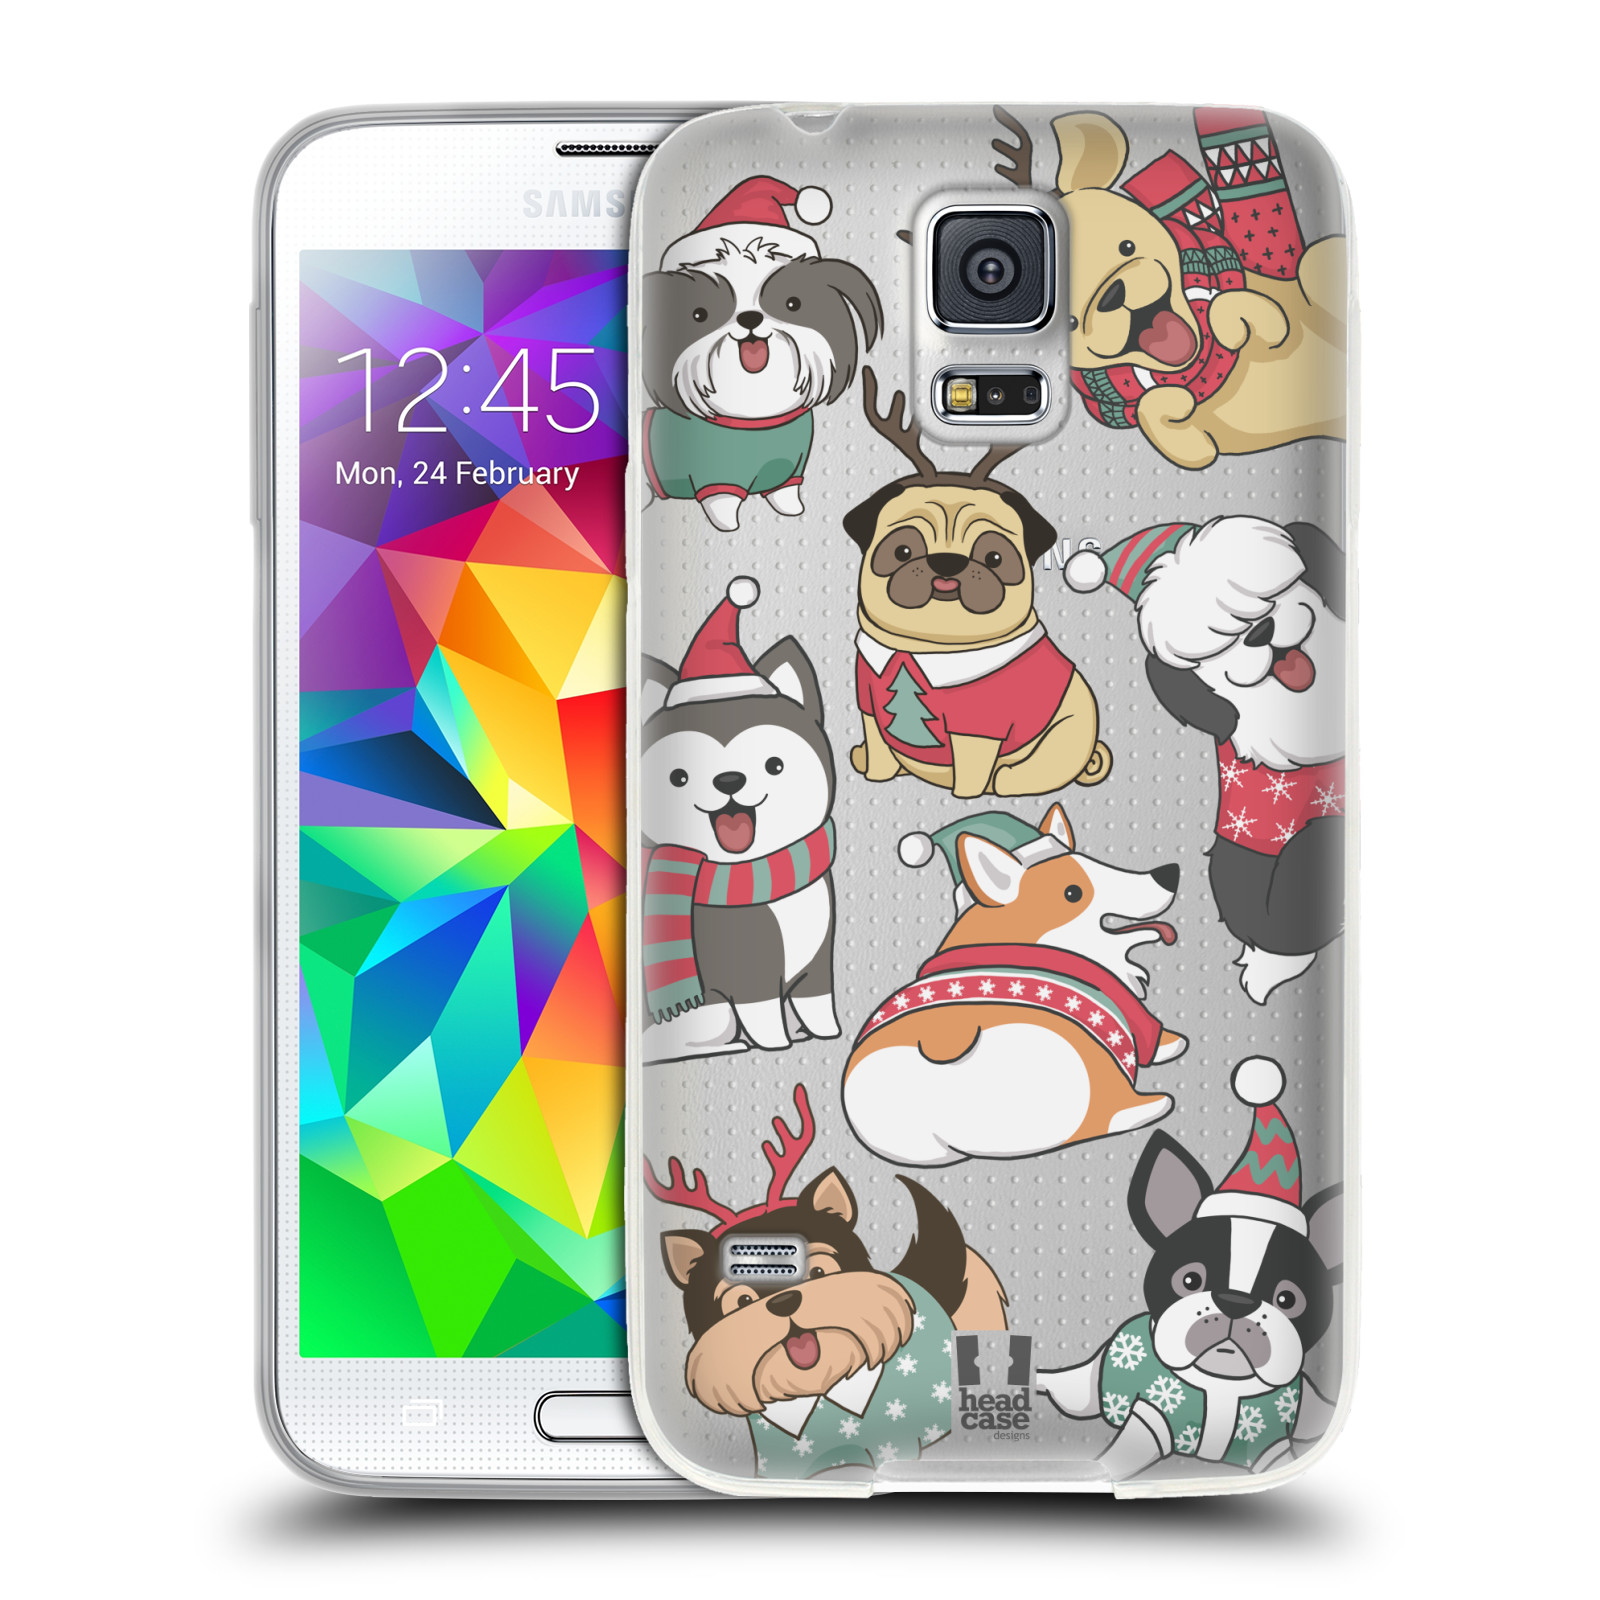 Silikonové pouzdro na mobil Samsung Galaxy S5 Neo - Head Case - Vánoční pejsci